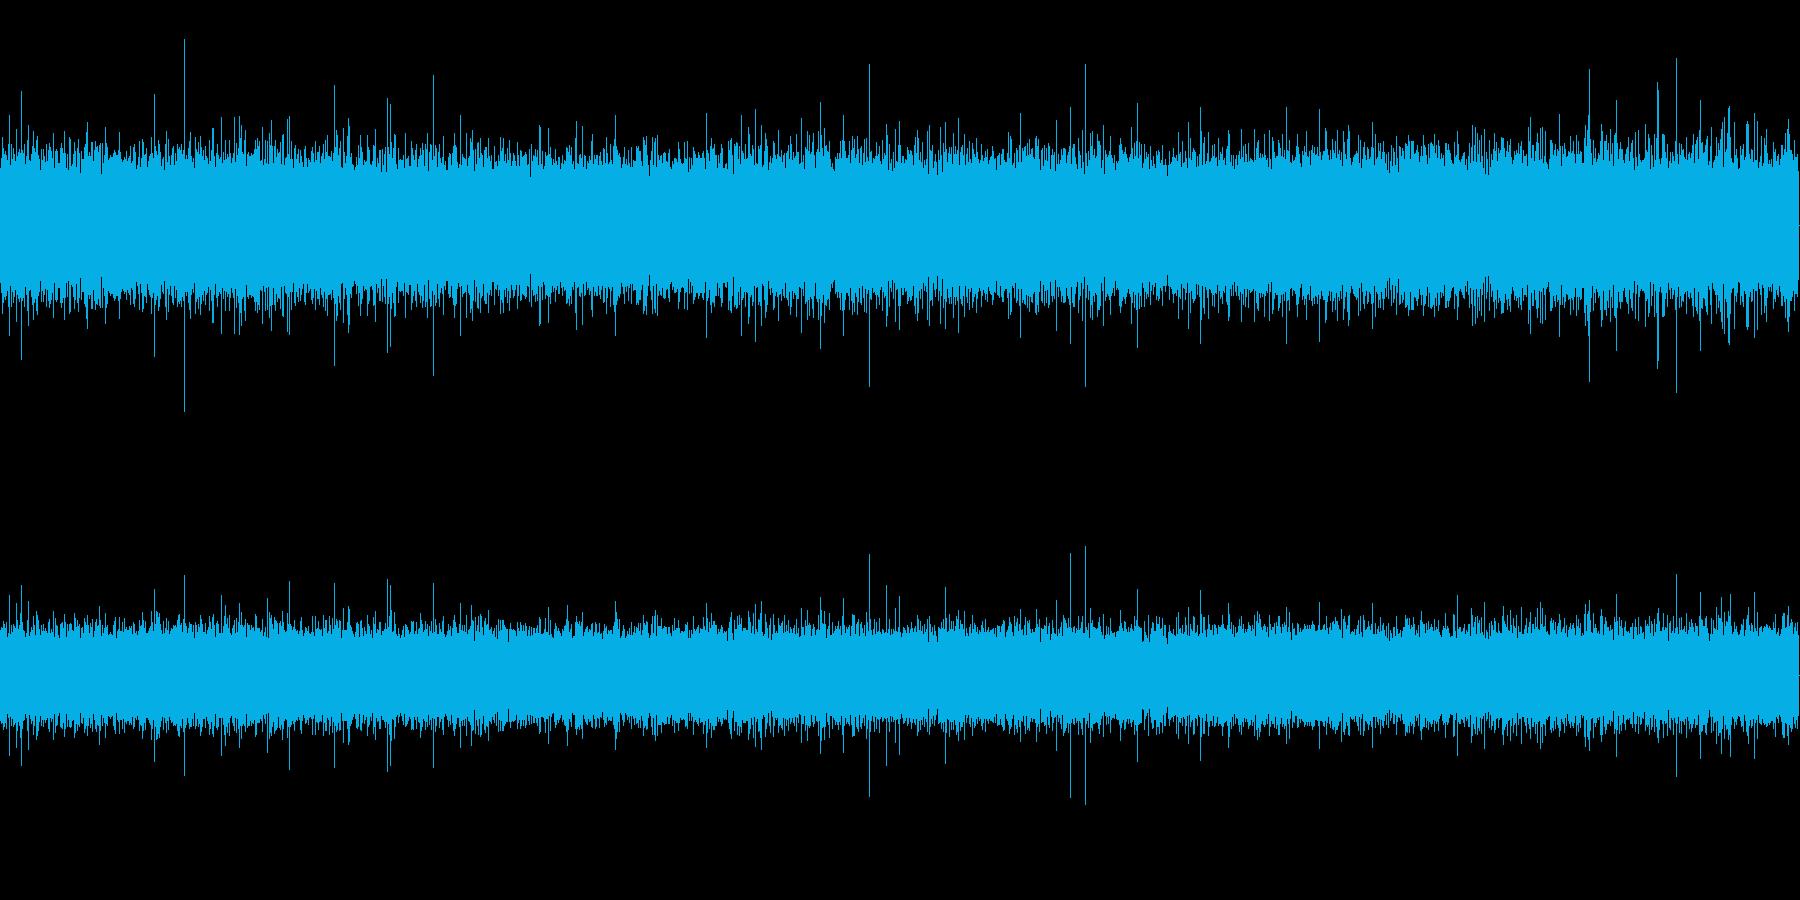 ザー (離れて録音)の再生済みの波形